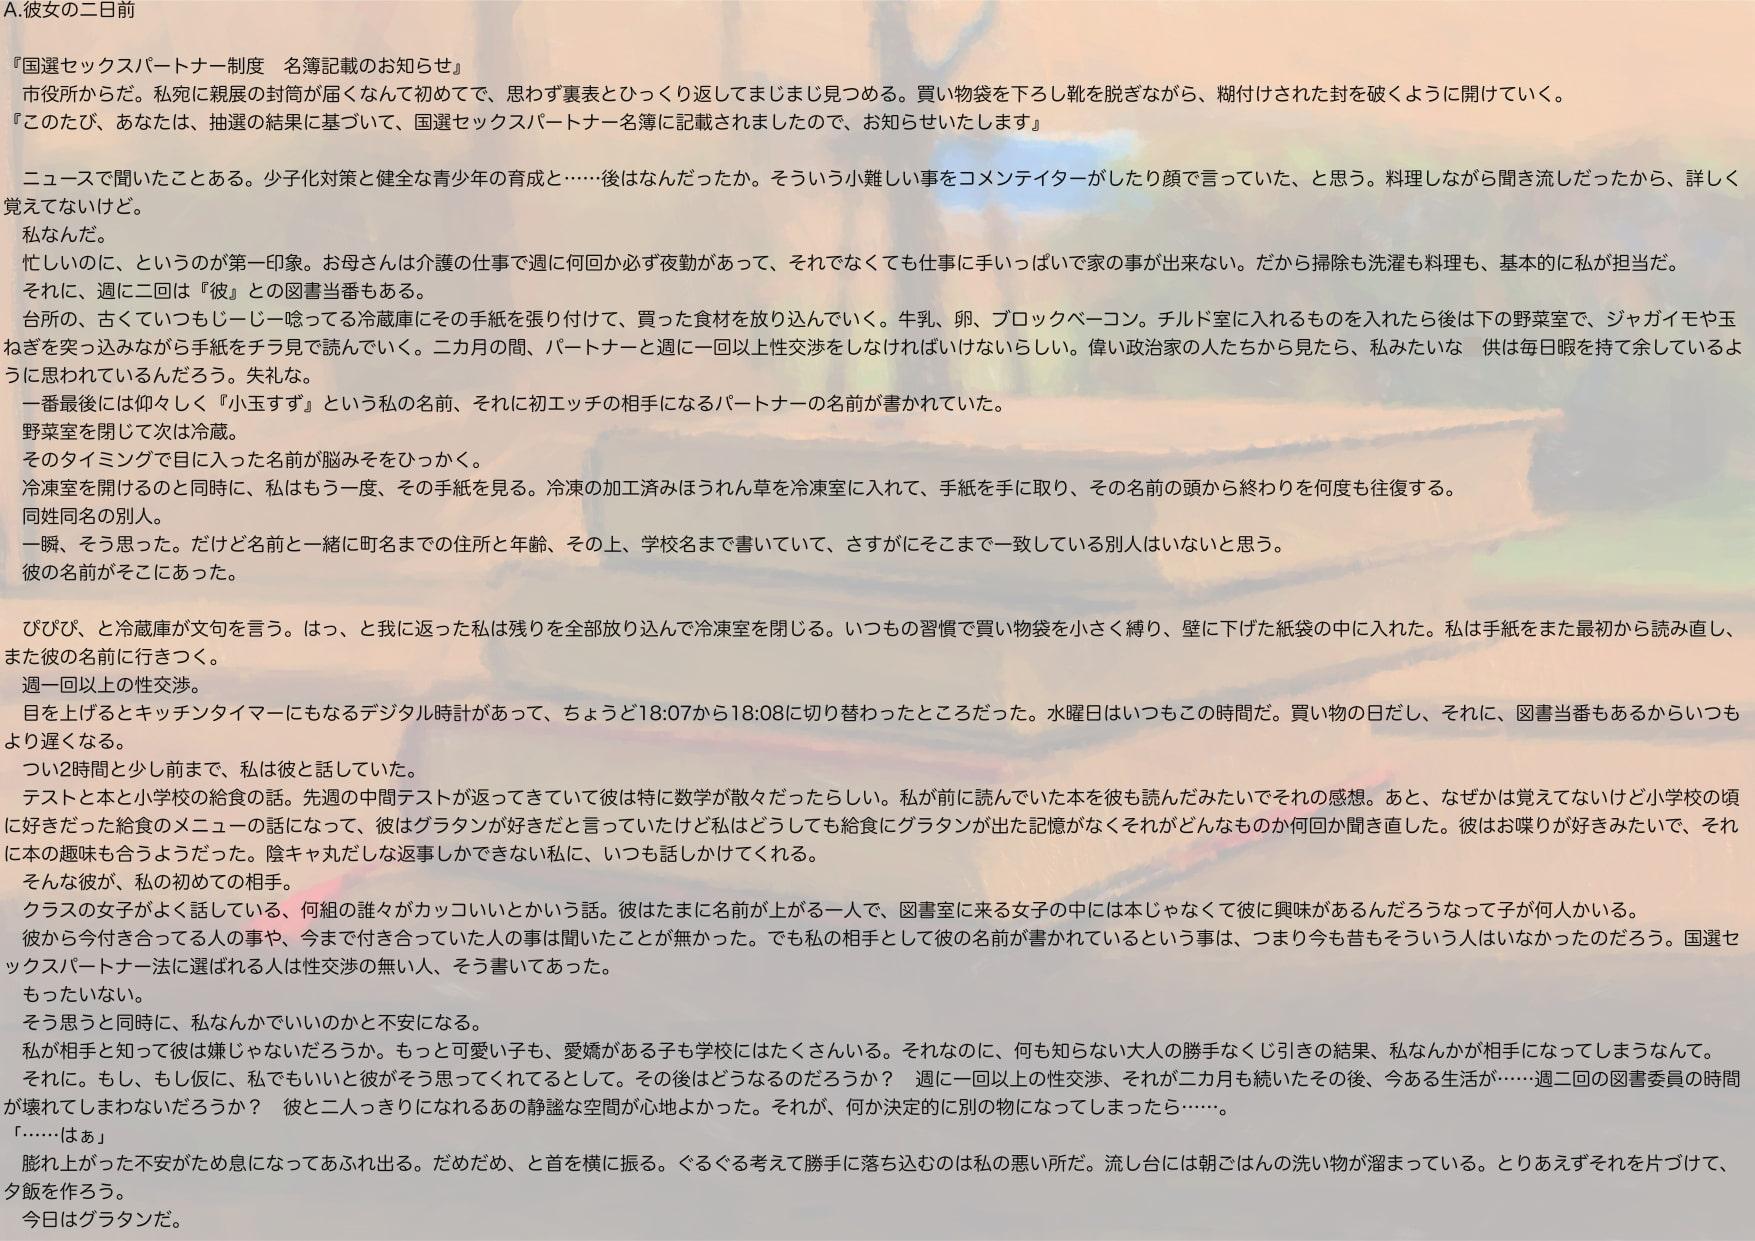 【ダウナー×甘々】陰キャで巨乳な図書委員と政府公認エッチ 〜国選セックスパートナー法〜 [スイス堂]